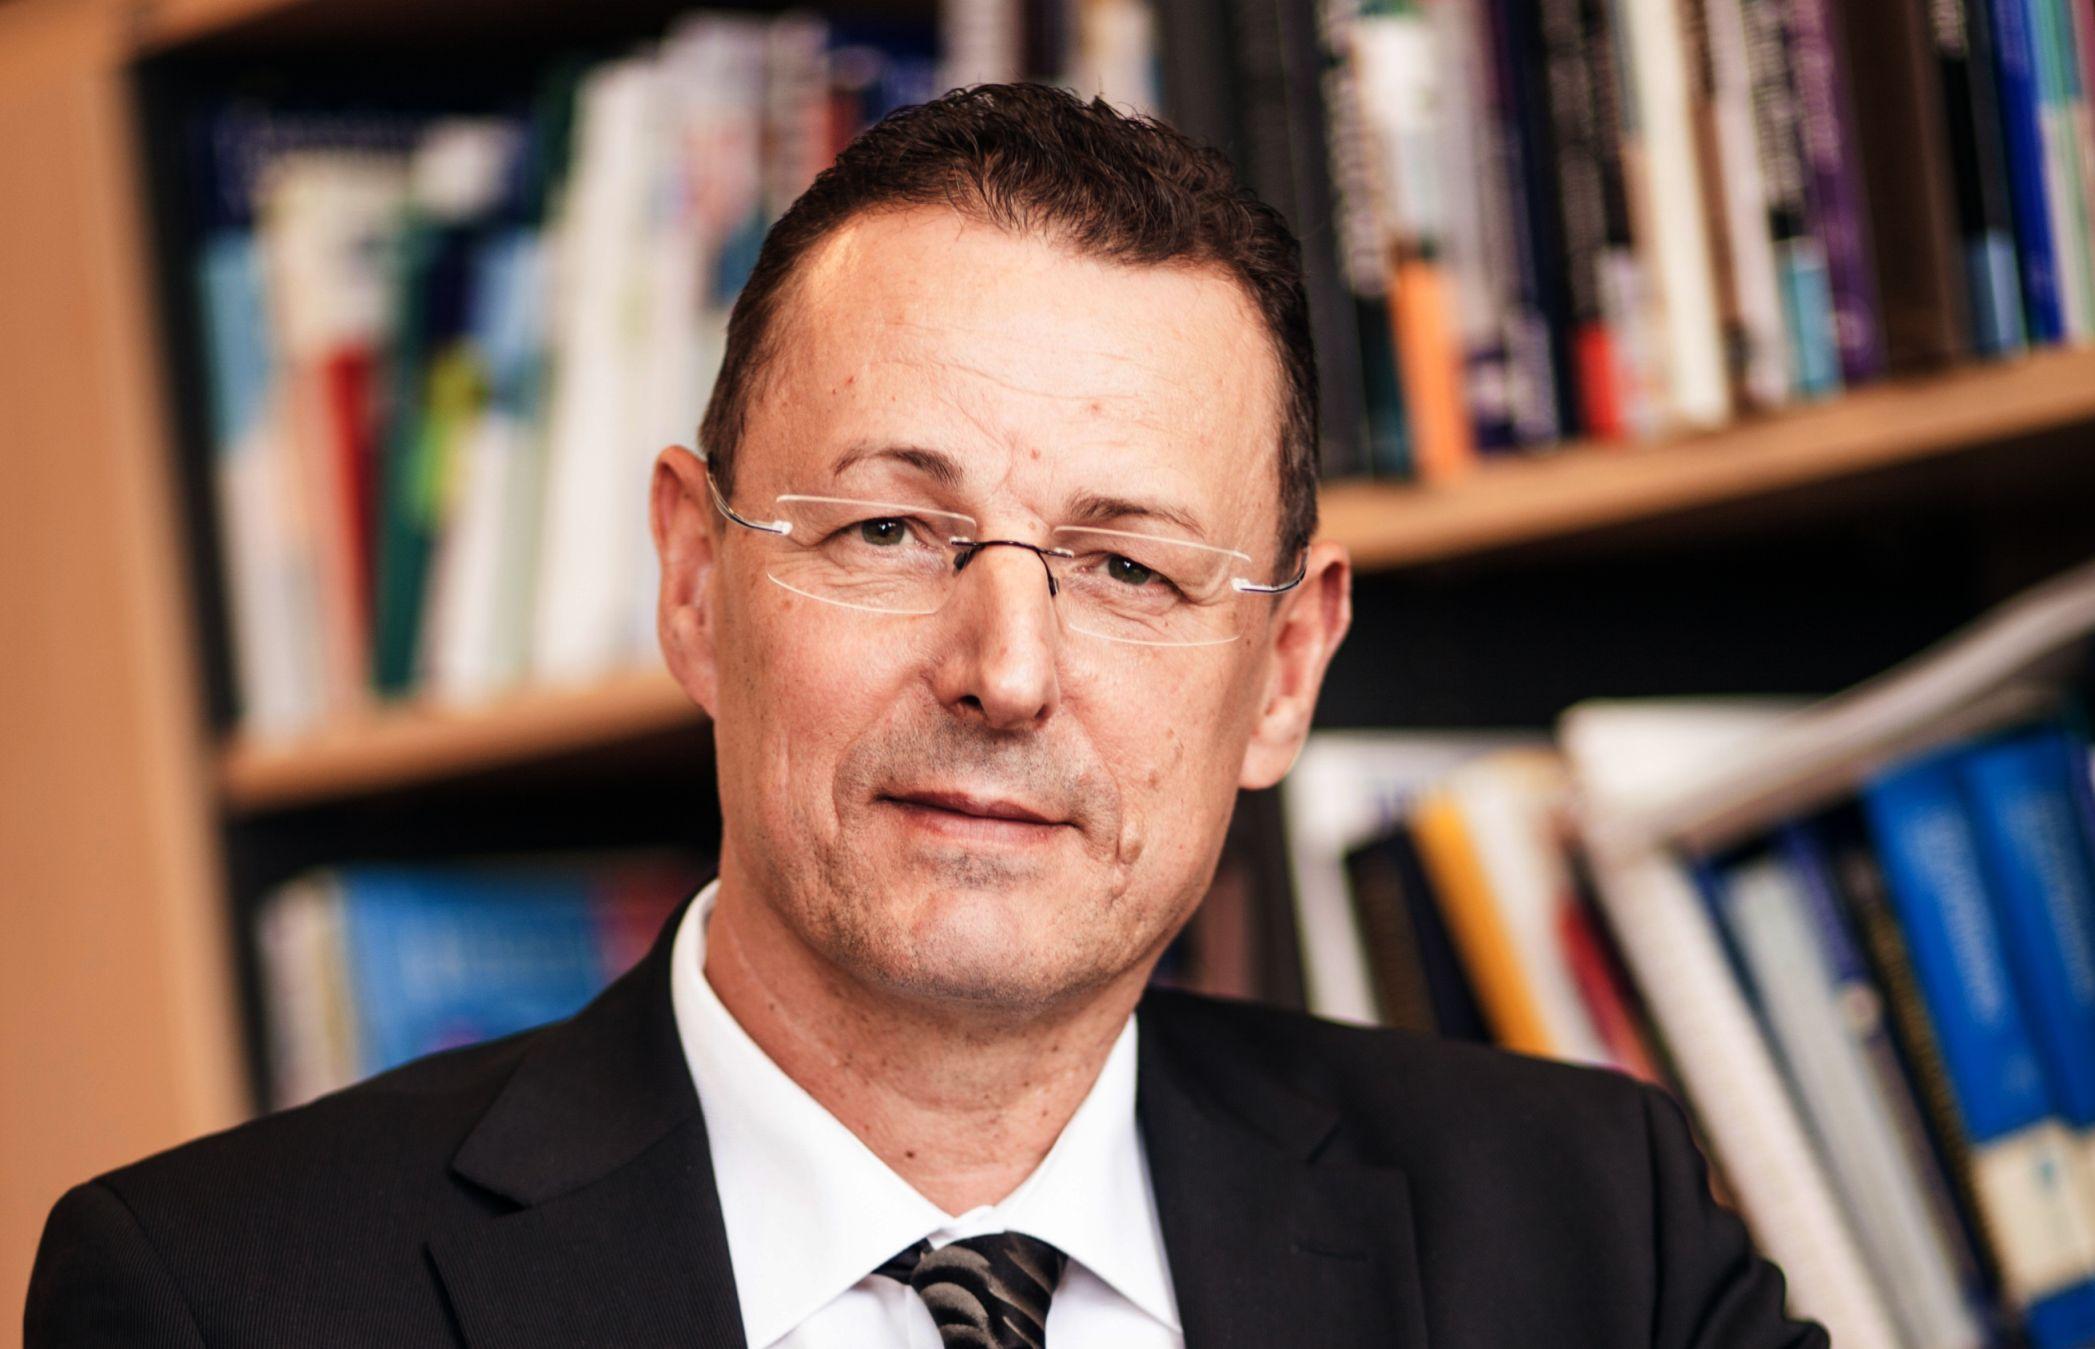 Prof. Michael Bauer, Direktor der Klinik für Psychiatrie und Psychotherapie ... - Prof-Michael-Bauer-Direktor-der-Klinik-fuer-Psychiatrie-und-Psychotherapie-am-Universitaetsklinikum-Carl-Gustav-Carus